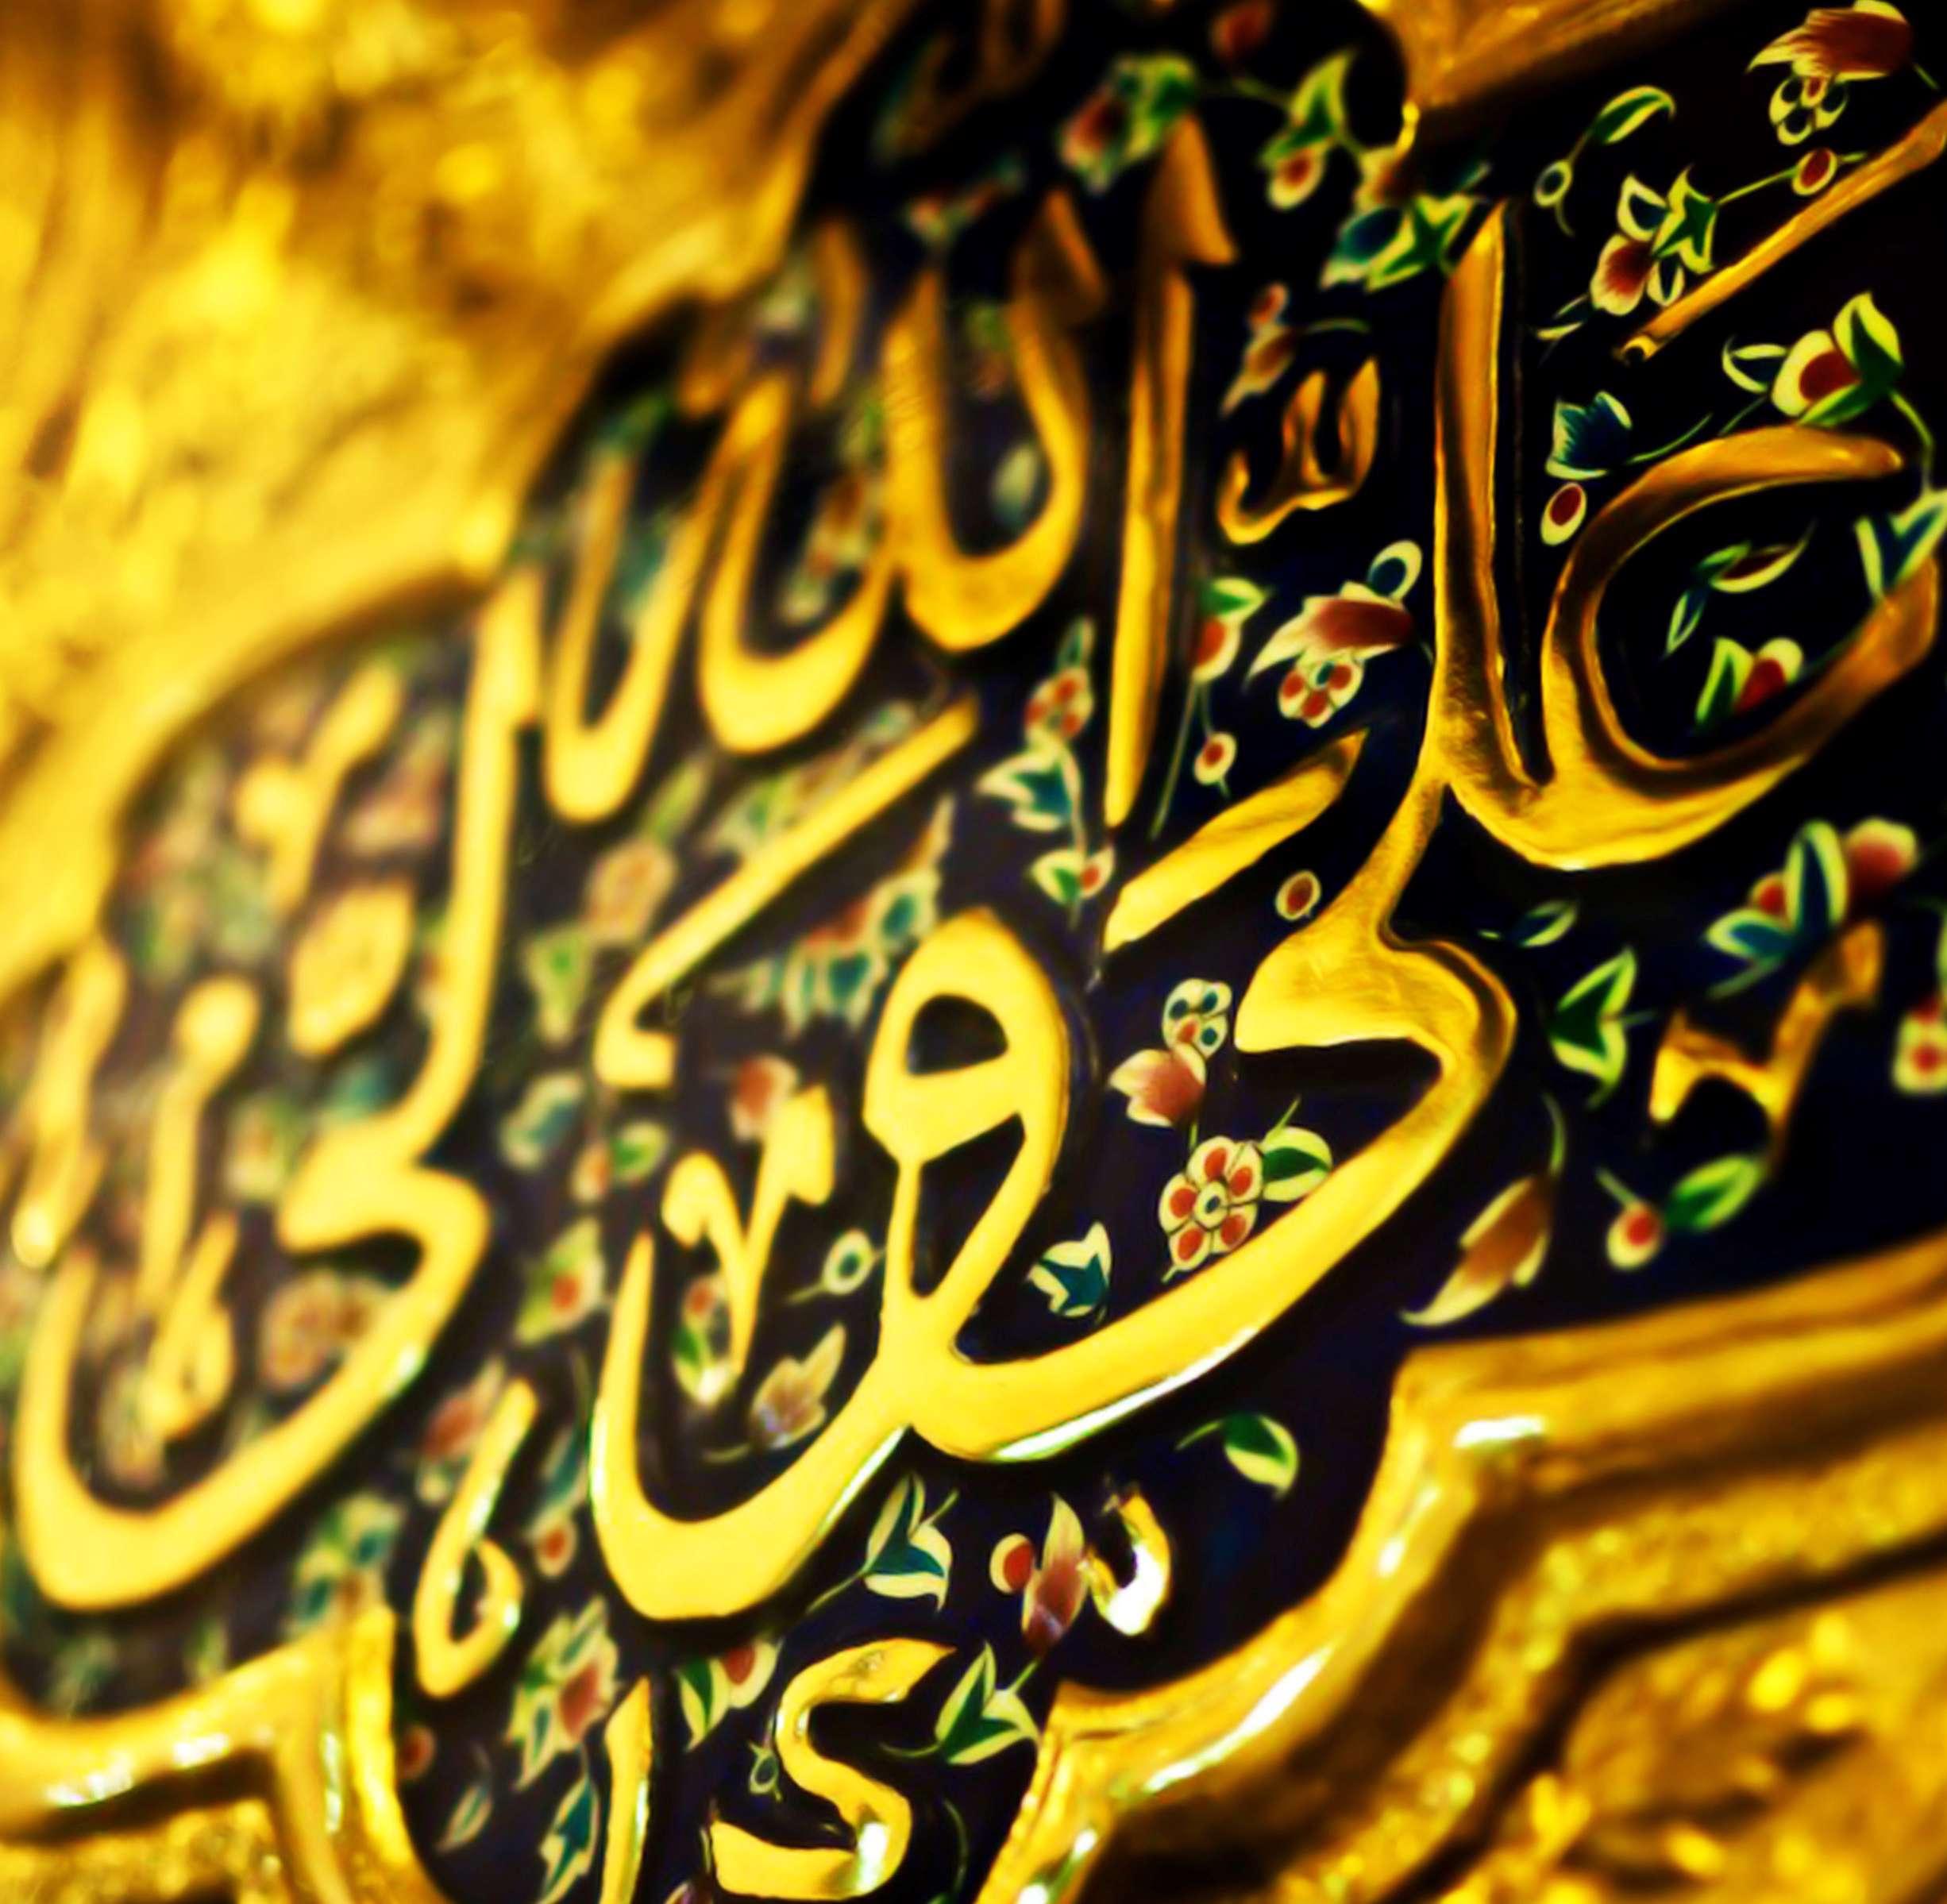 بمناسبة عيد الغدير الأغر – الإمام الخامنئي: حادثة الغدير هي تعيين الضوابط والقواعد